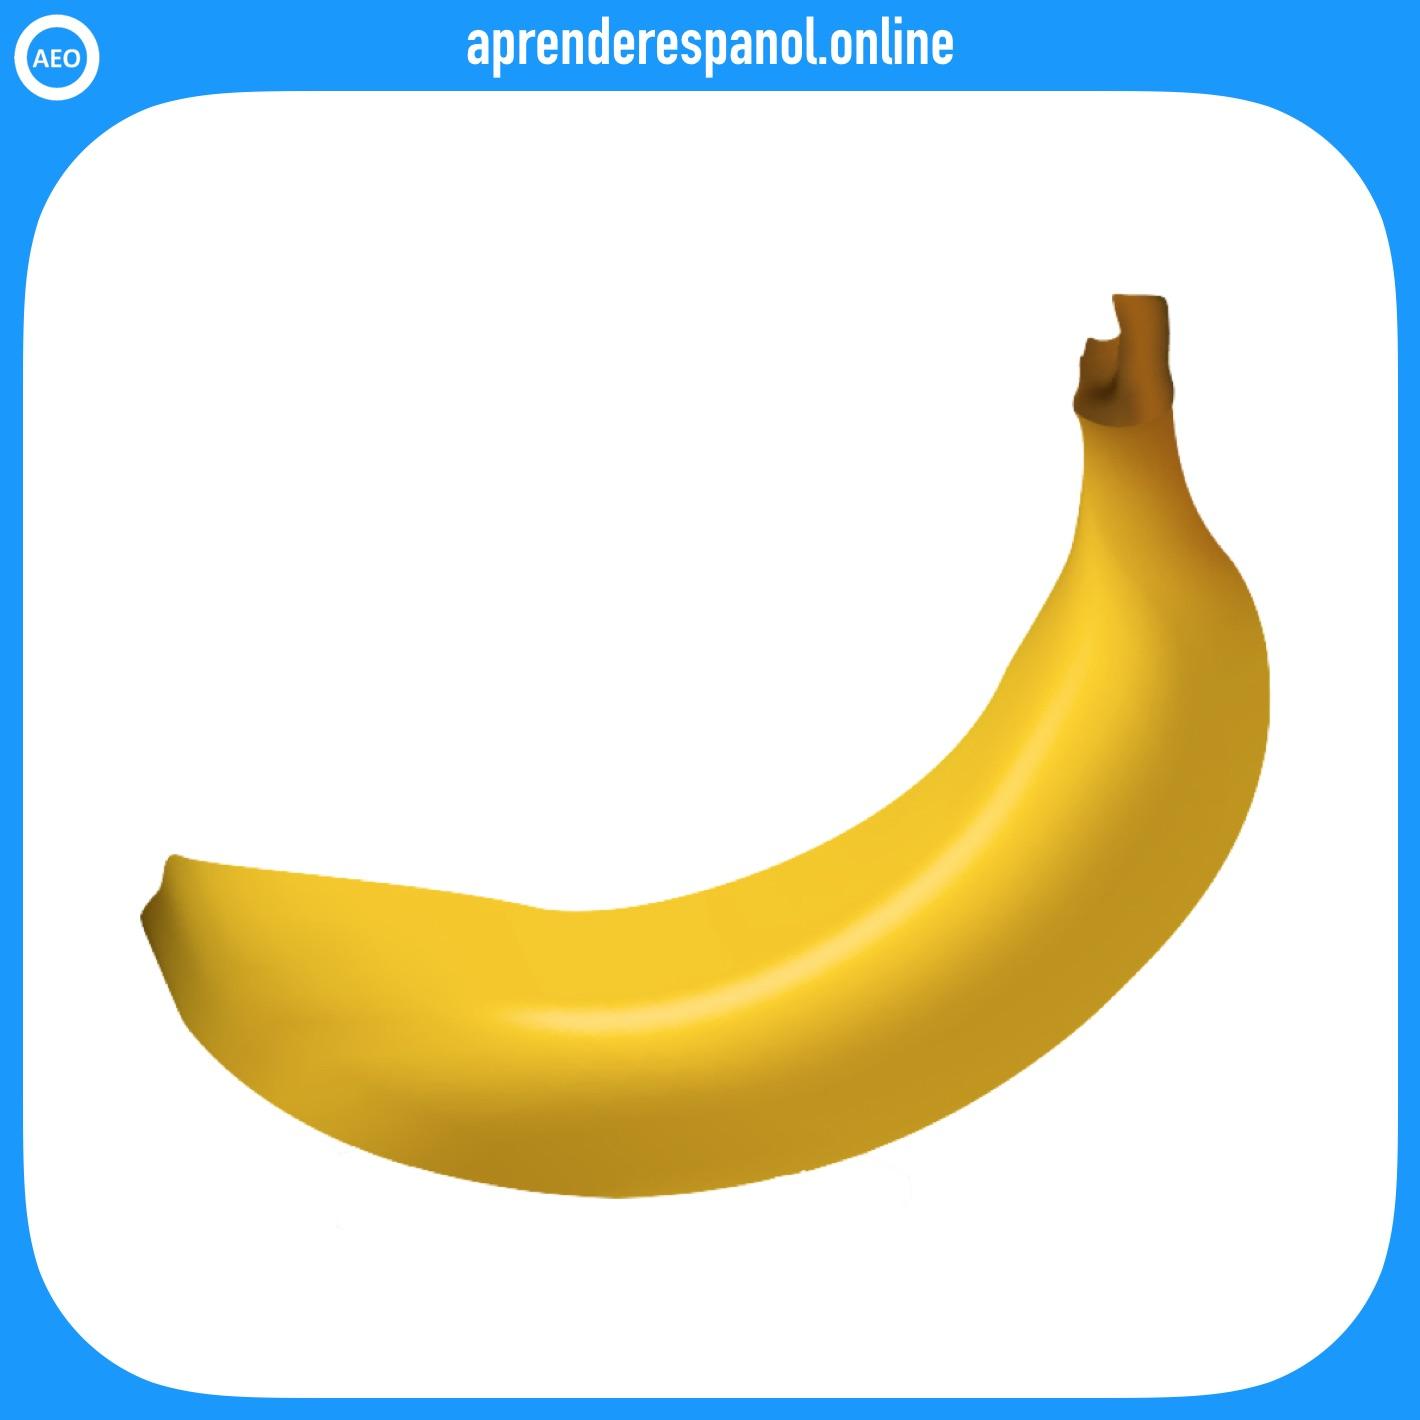 frutas: plátano - frutas en español - vocabulario de las frutas en español